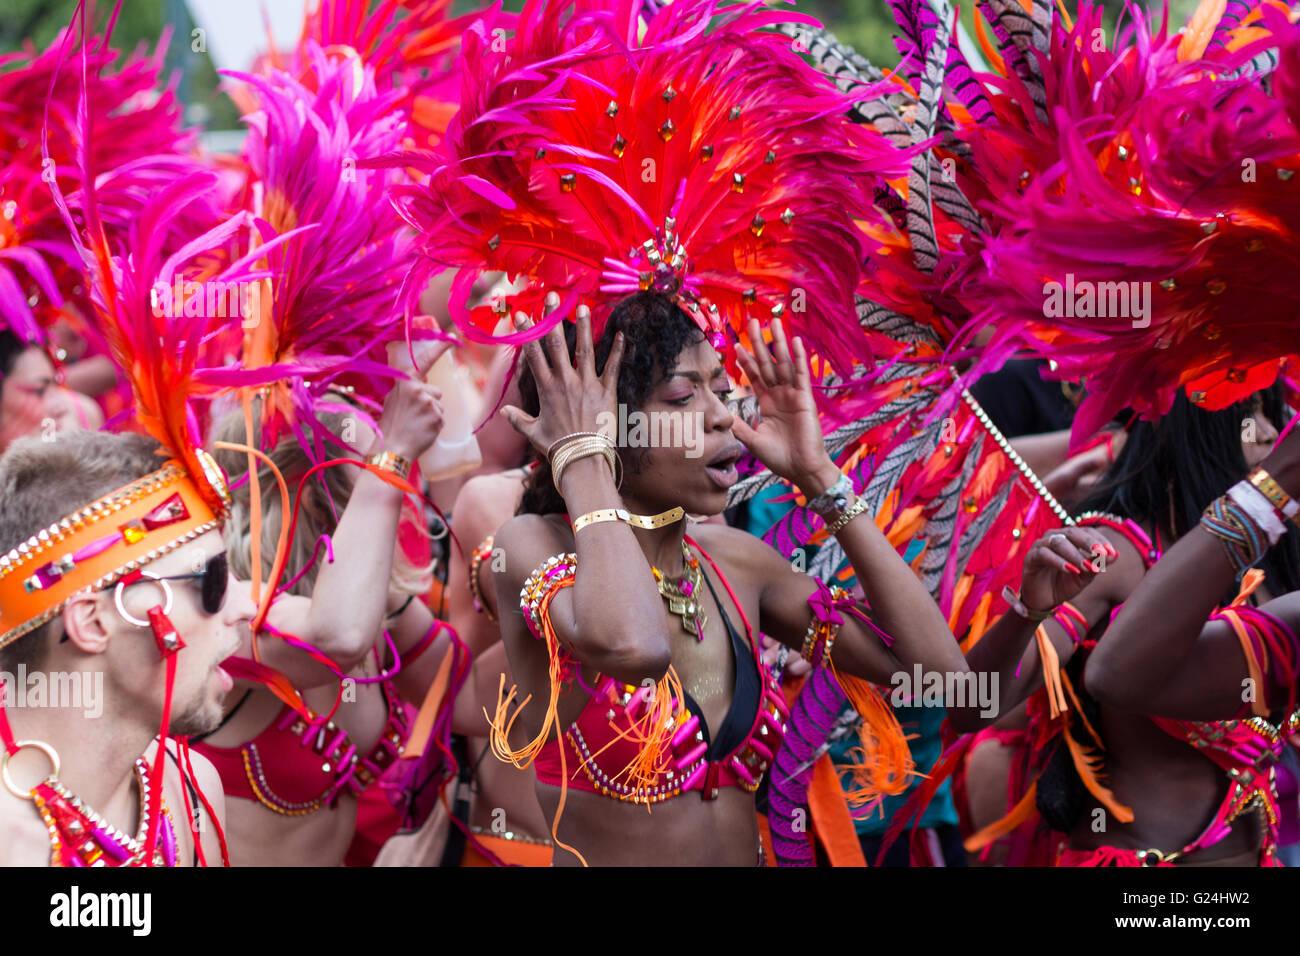 Ritratto di donna di Ballo in costume sul carnevale di culture (Karneval der Kulturen) di Berlino, Germania. Immagini Stock